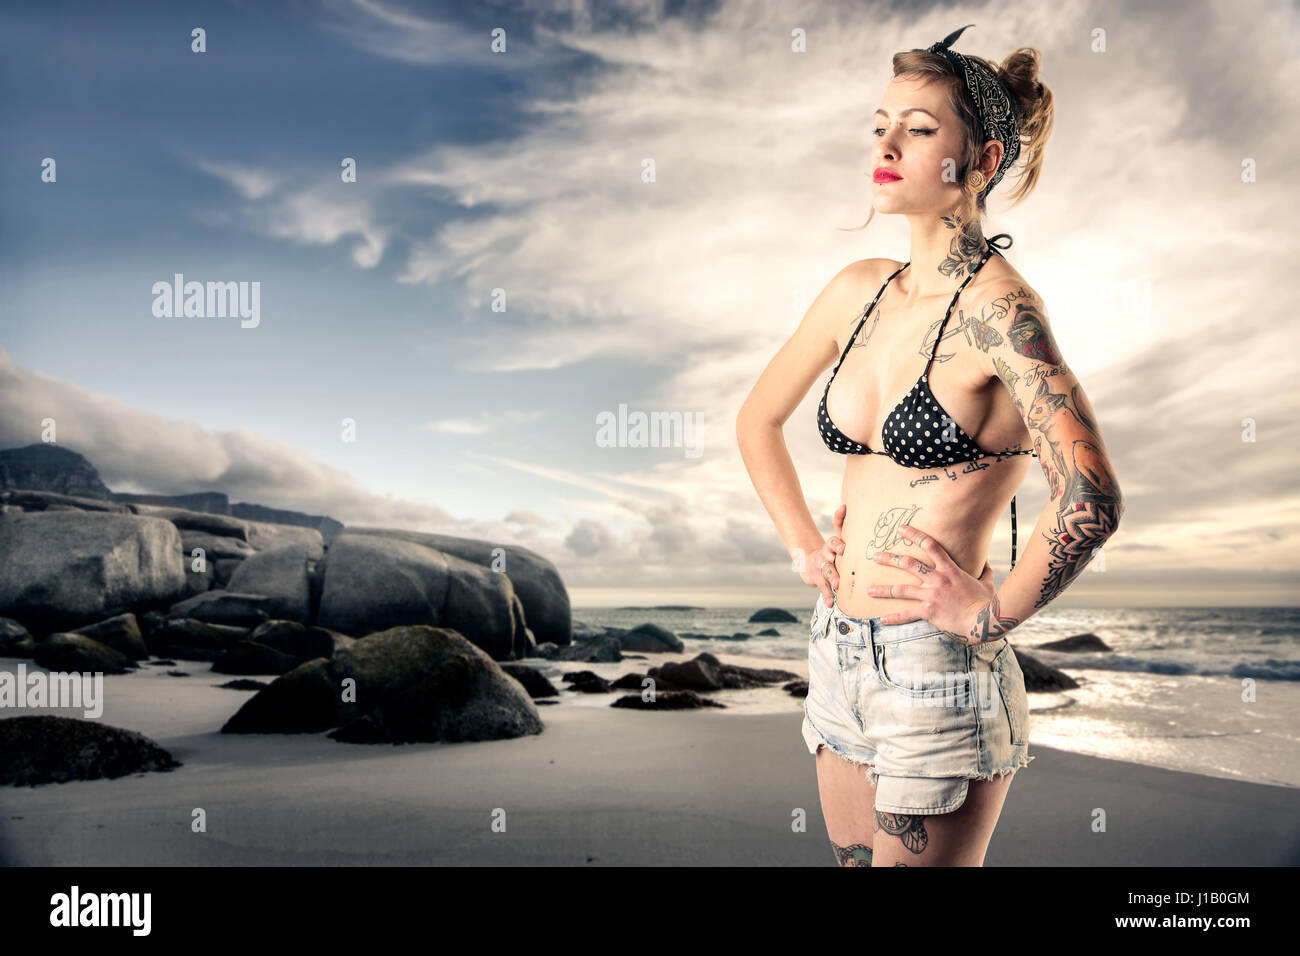 Am Strand Frau Tätowierte